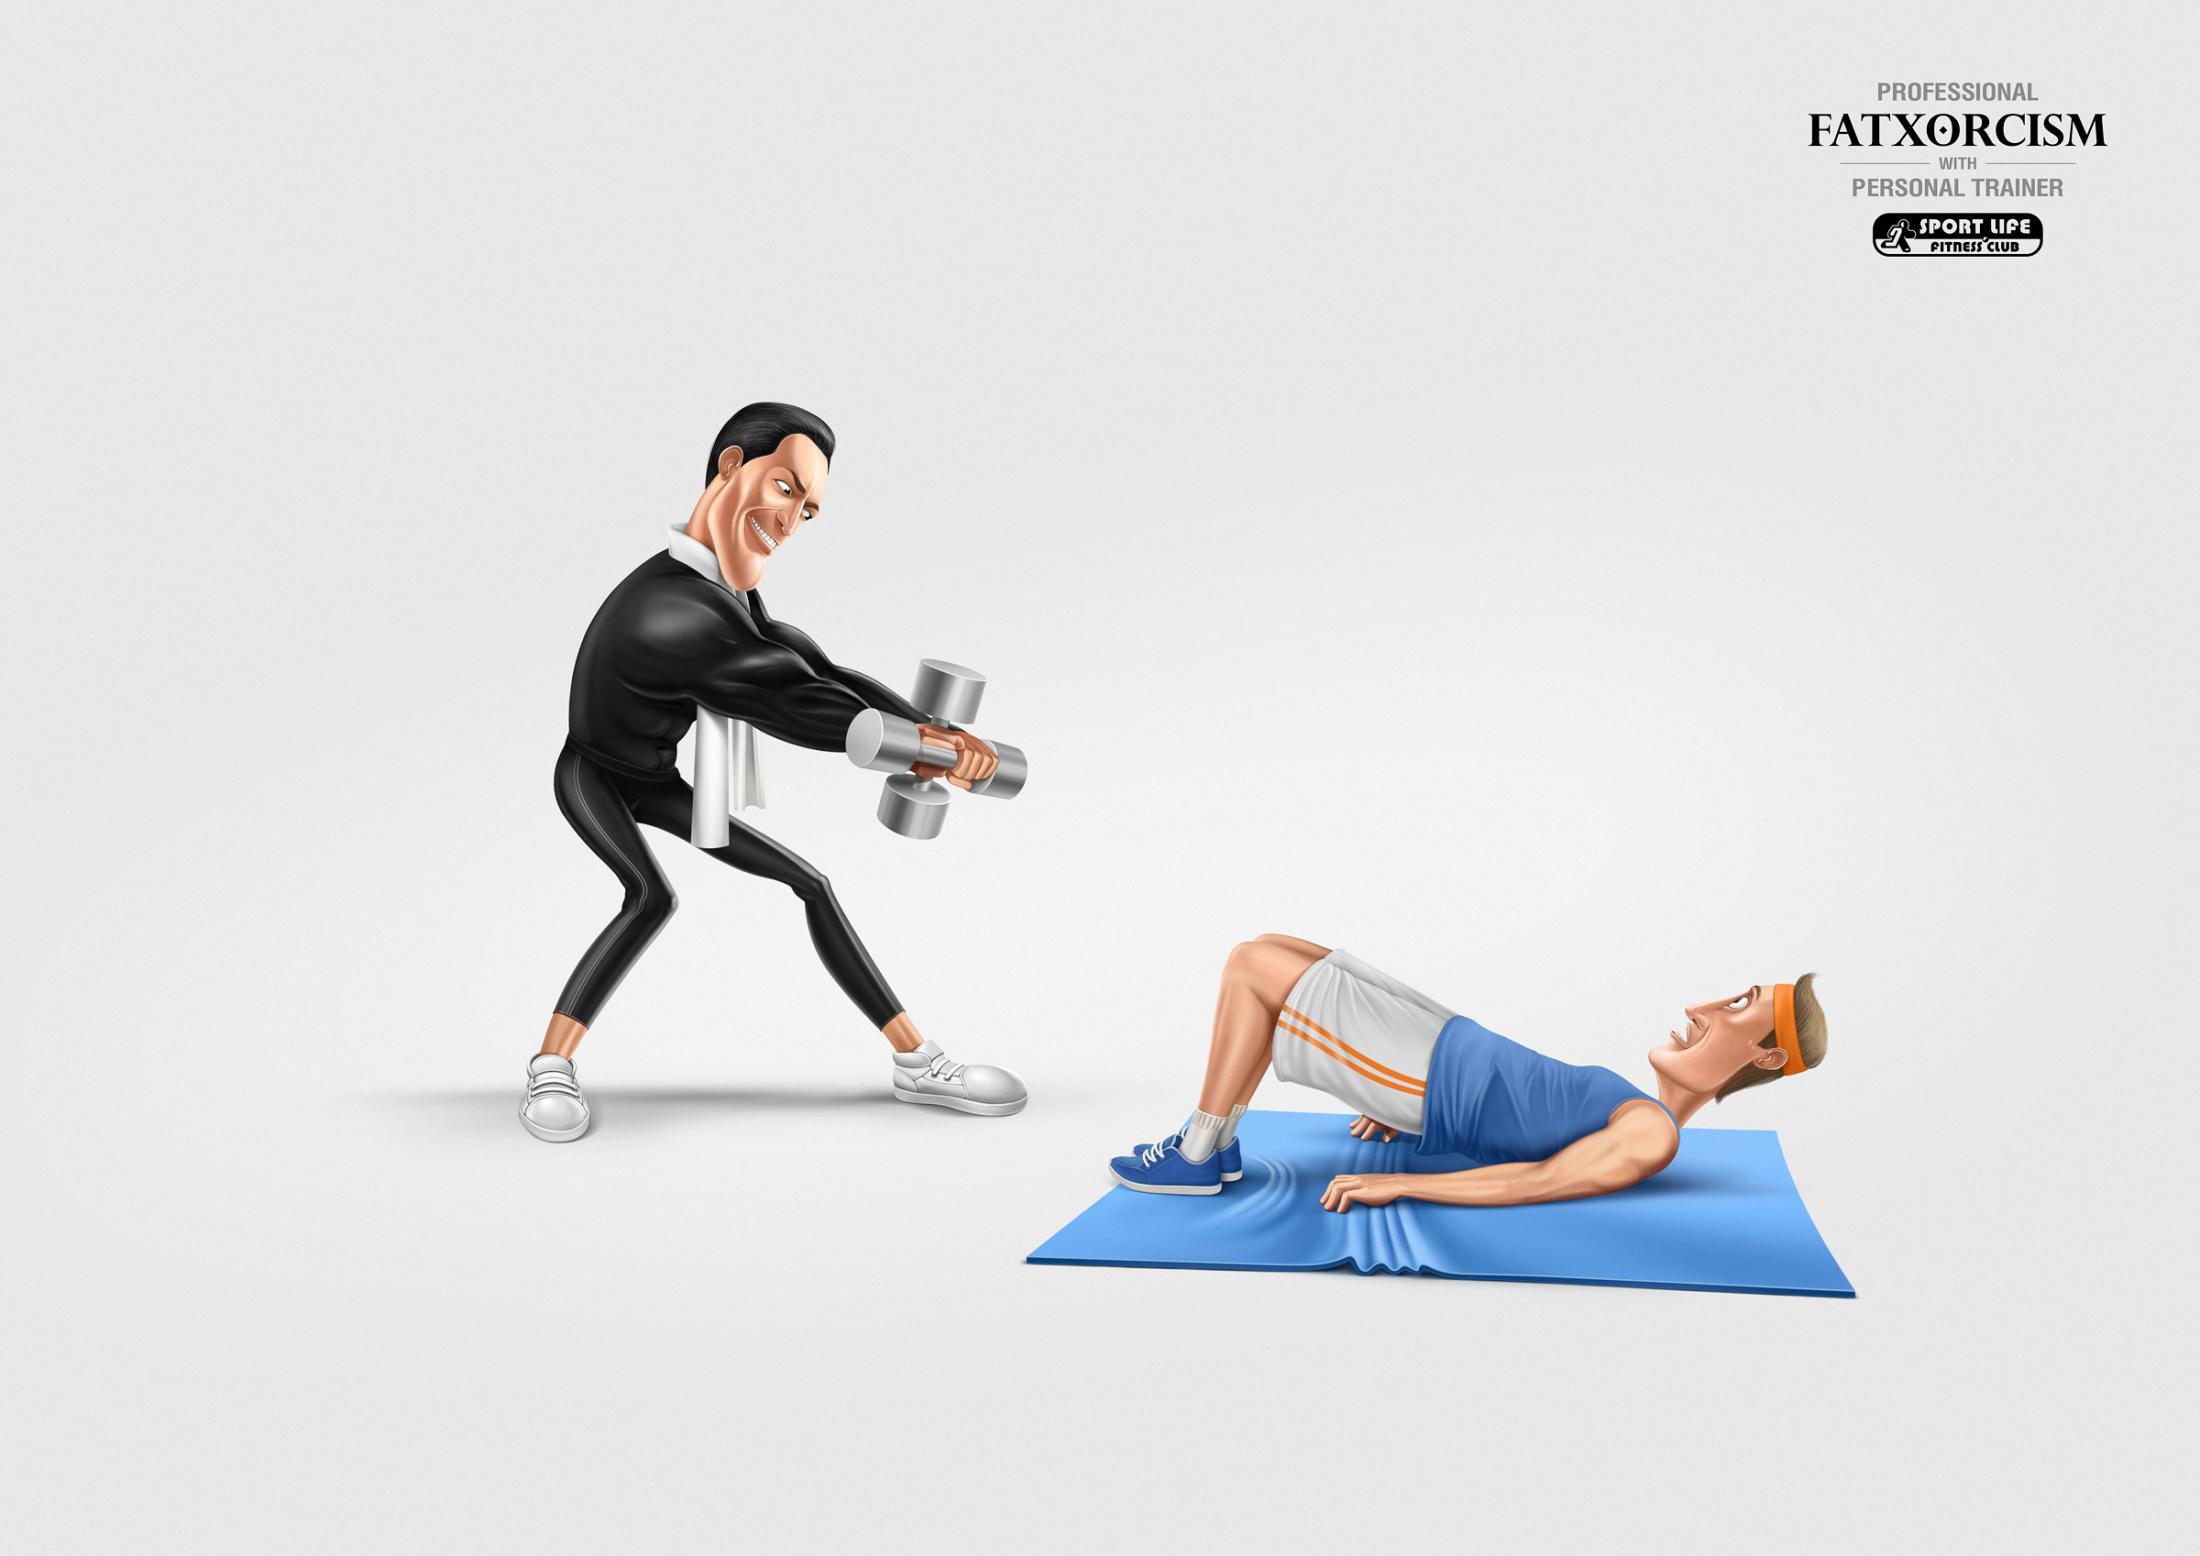 Sport Life Fitness Club Print Ad - Fatxorcism